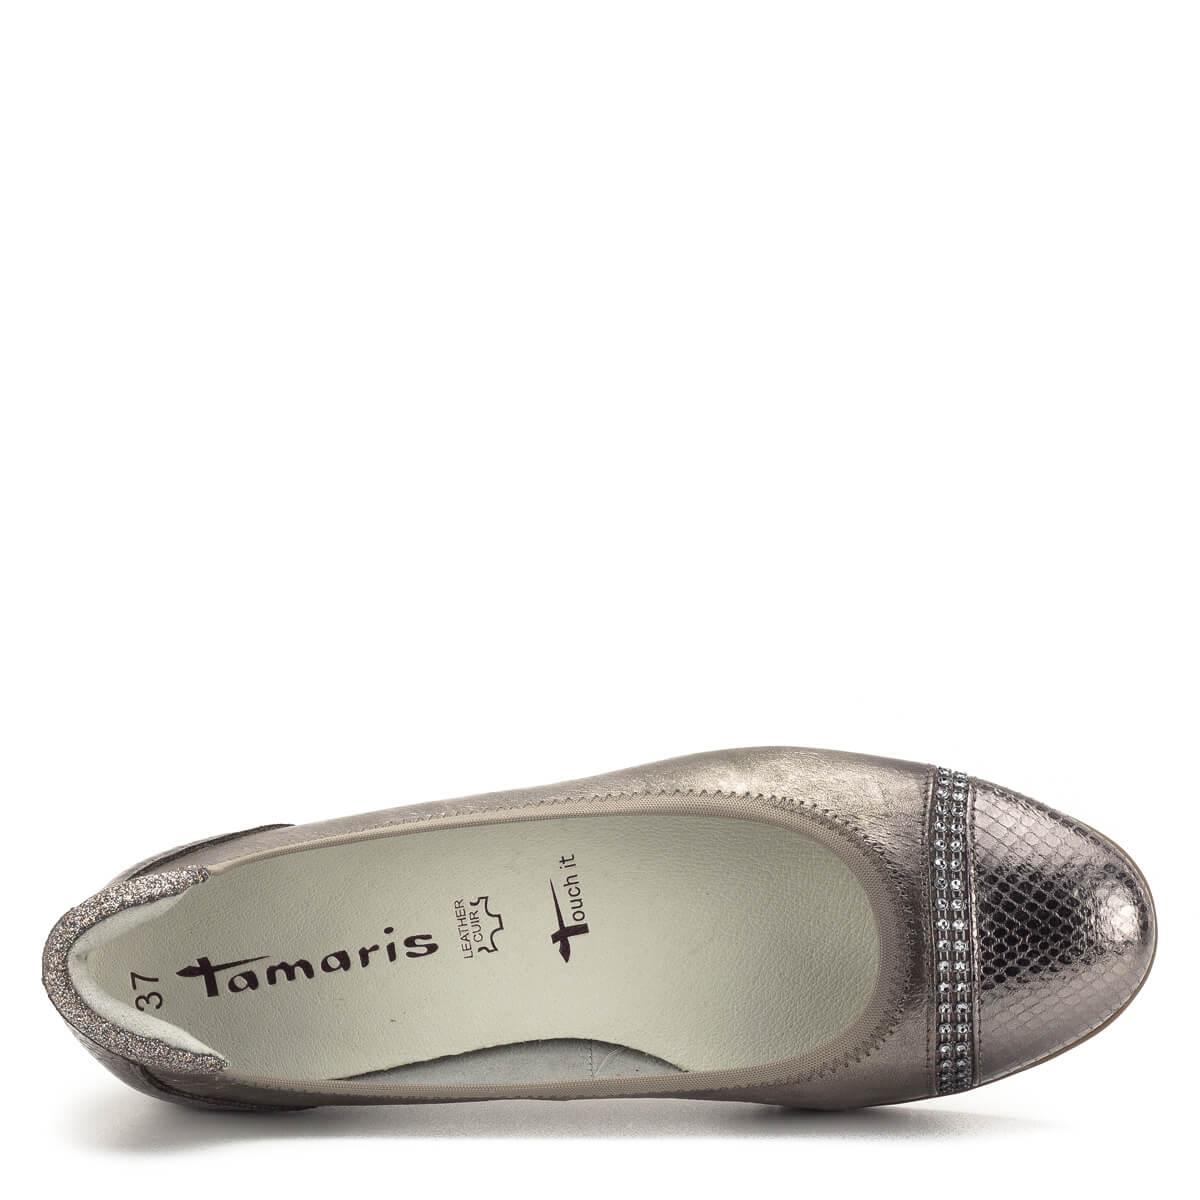 Tamaris cipő bronz színben, Tamaris balerina Tamaris 1